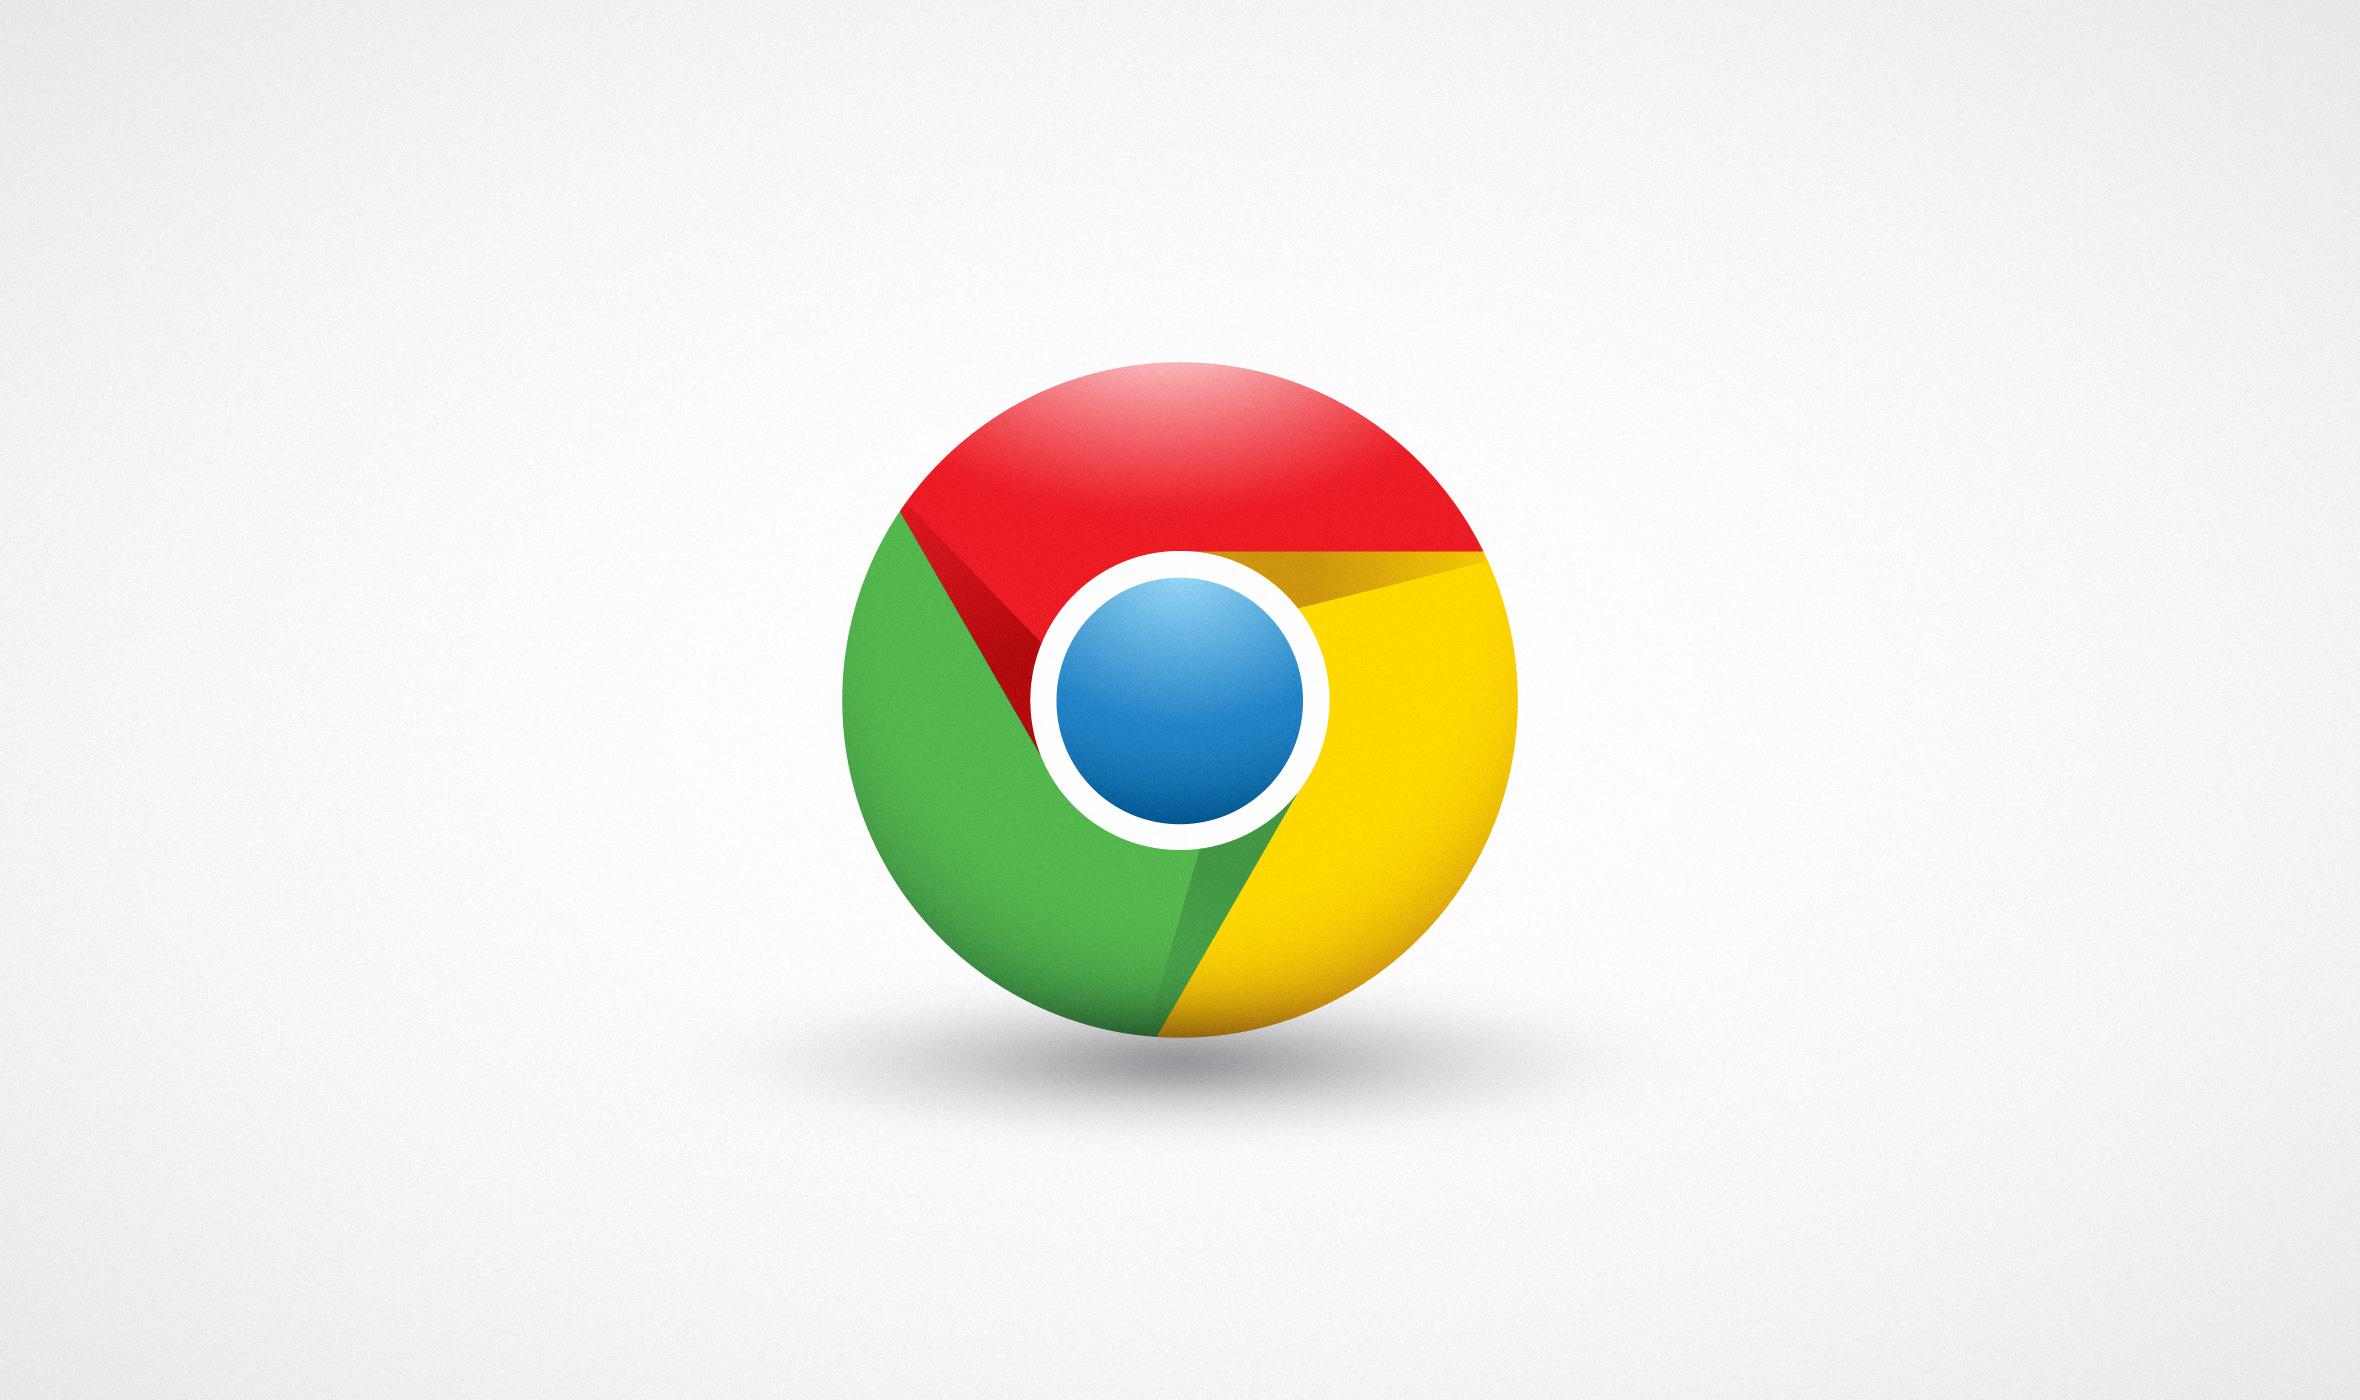 Chrome får bedre hurtigminne slik at det tar mindre tid å gå tilbake til forrige nettsted.